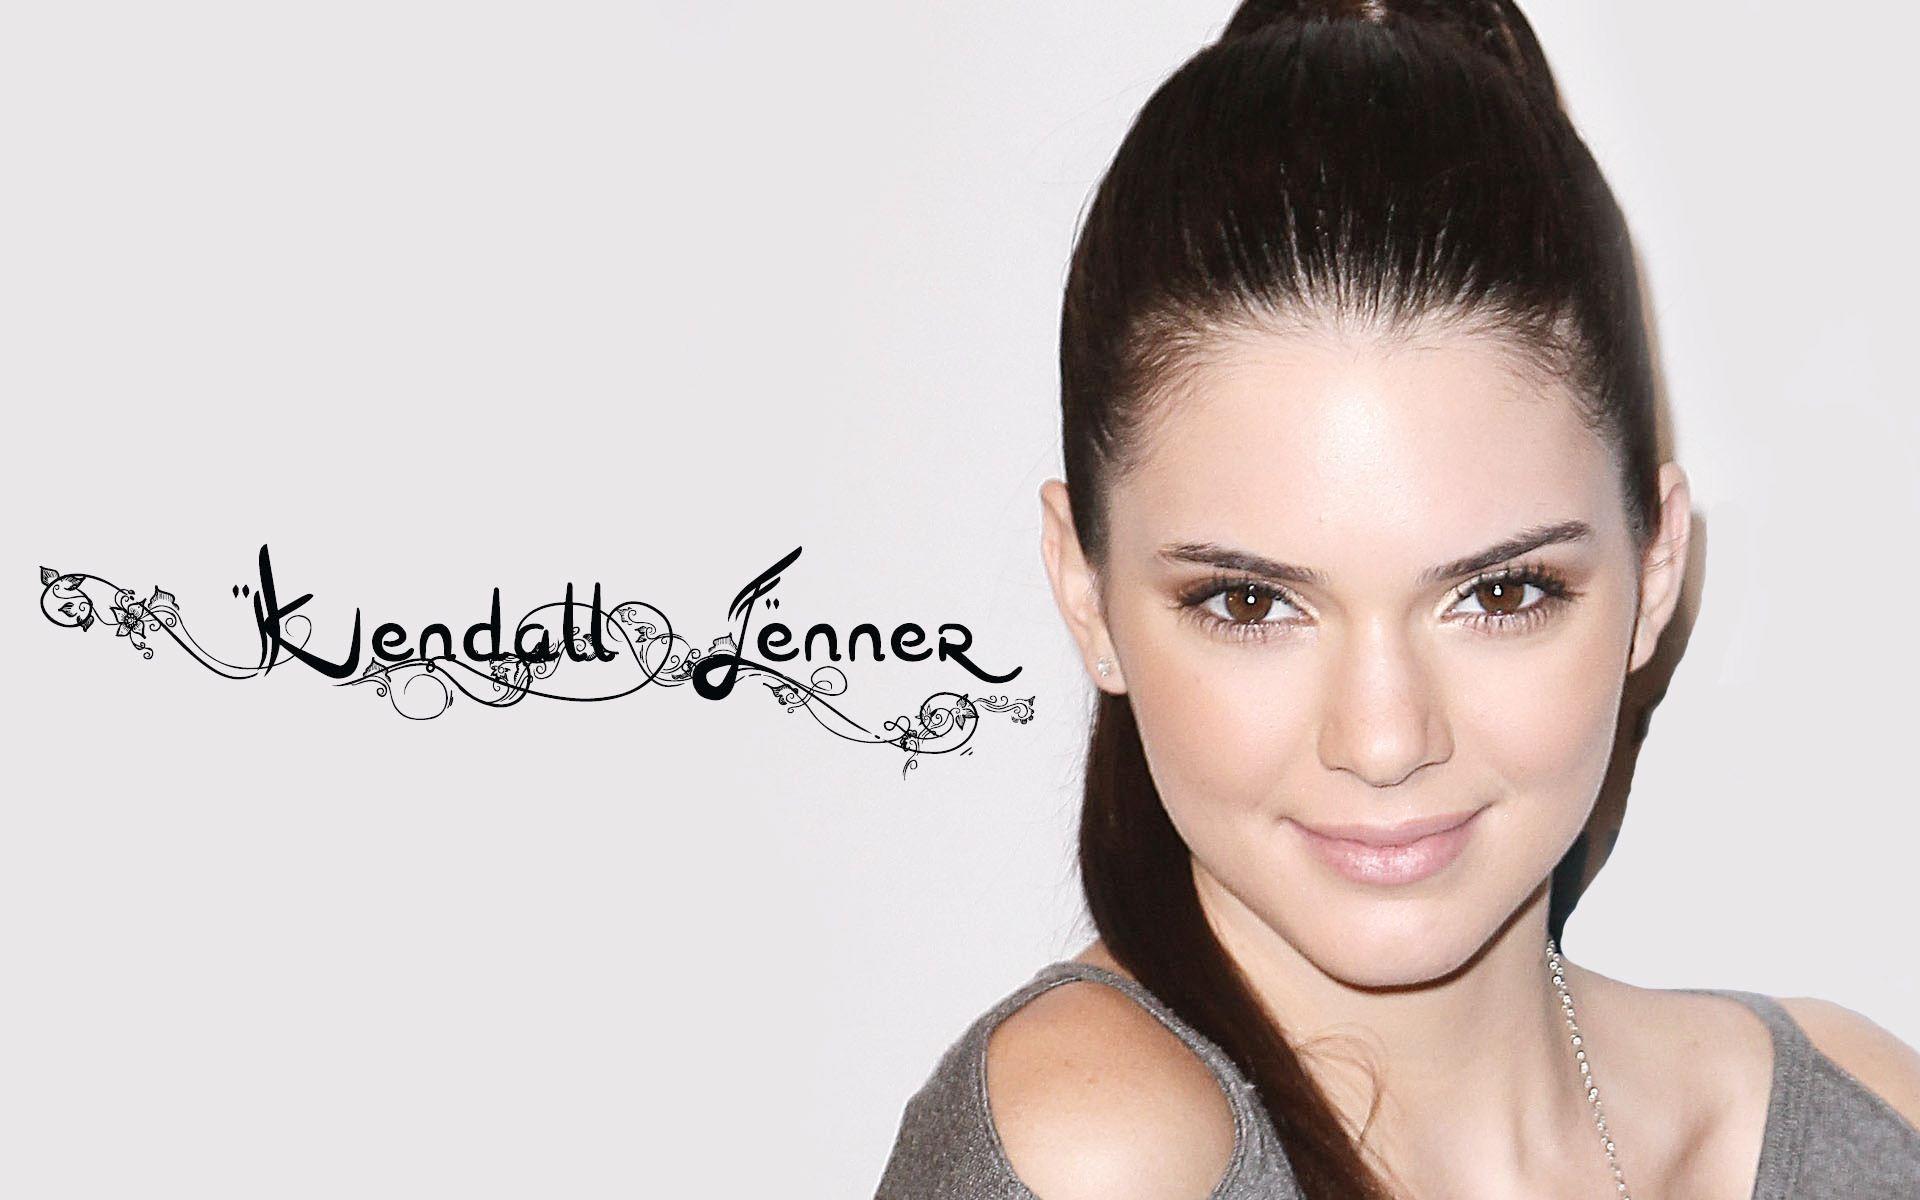 Kendall Jenner Wallpaper